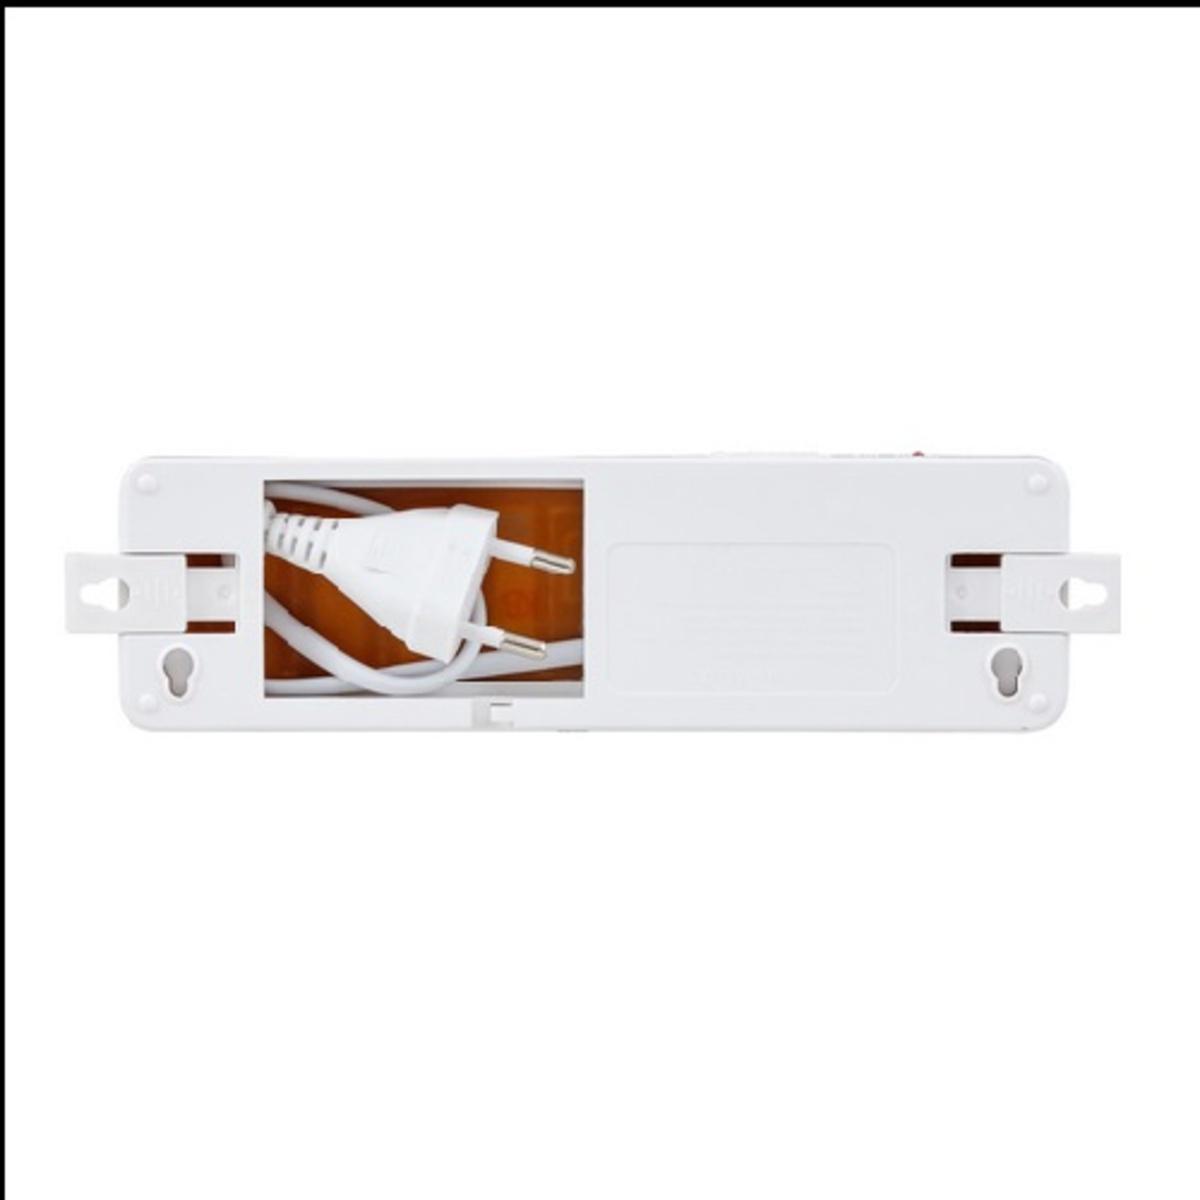 LUMINARIA DE EMERGENCIA  LED 30 LED (S)   - Iluminação Emergência autônoma 30 Leds Lítio Slim